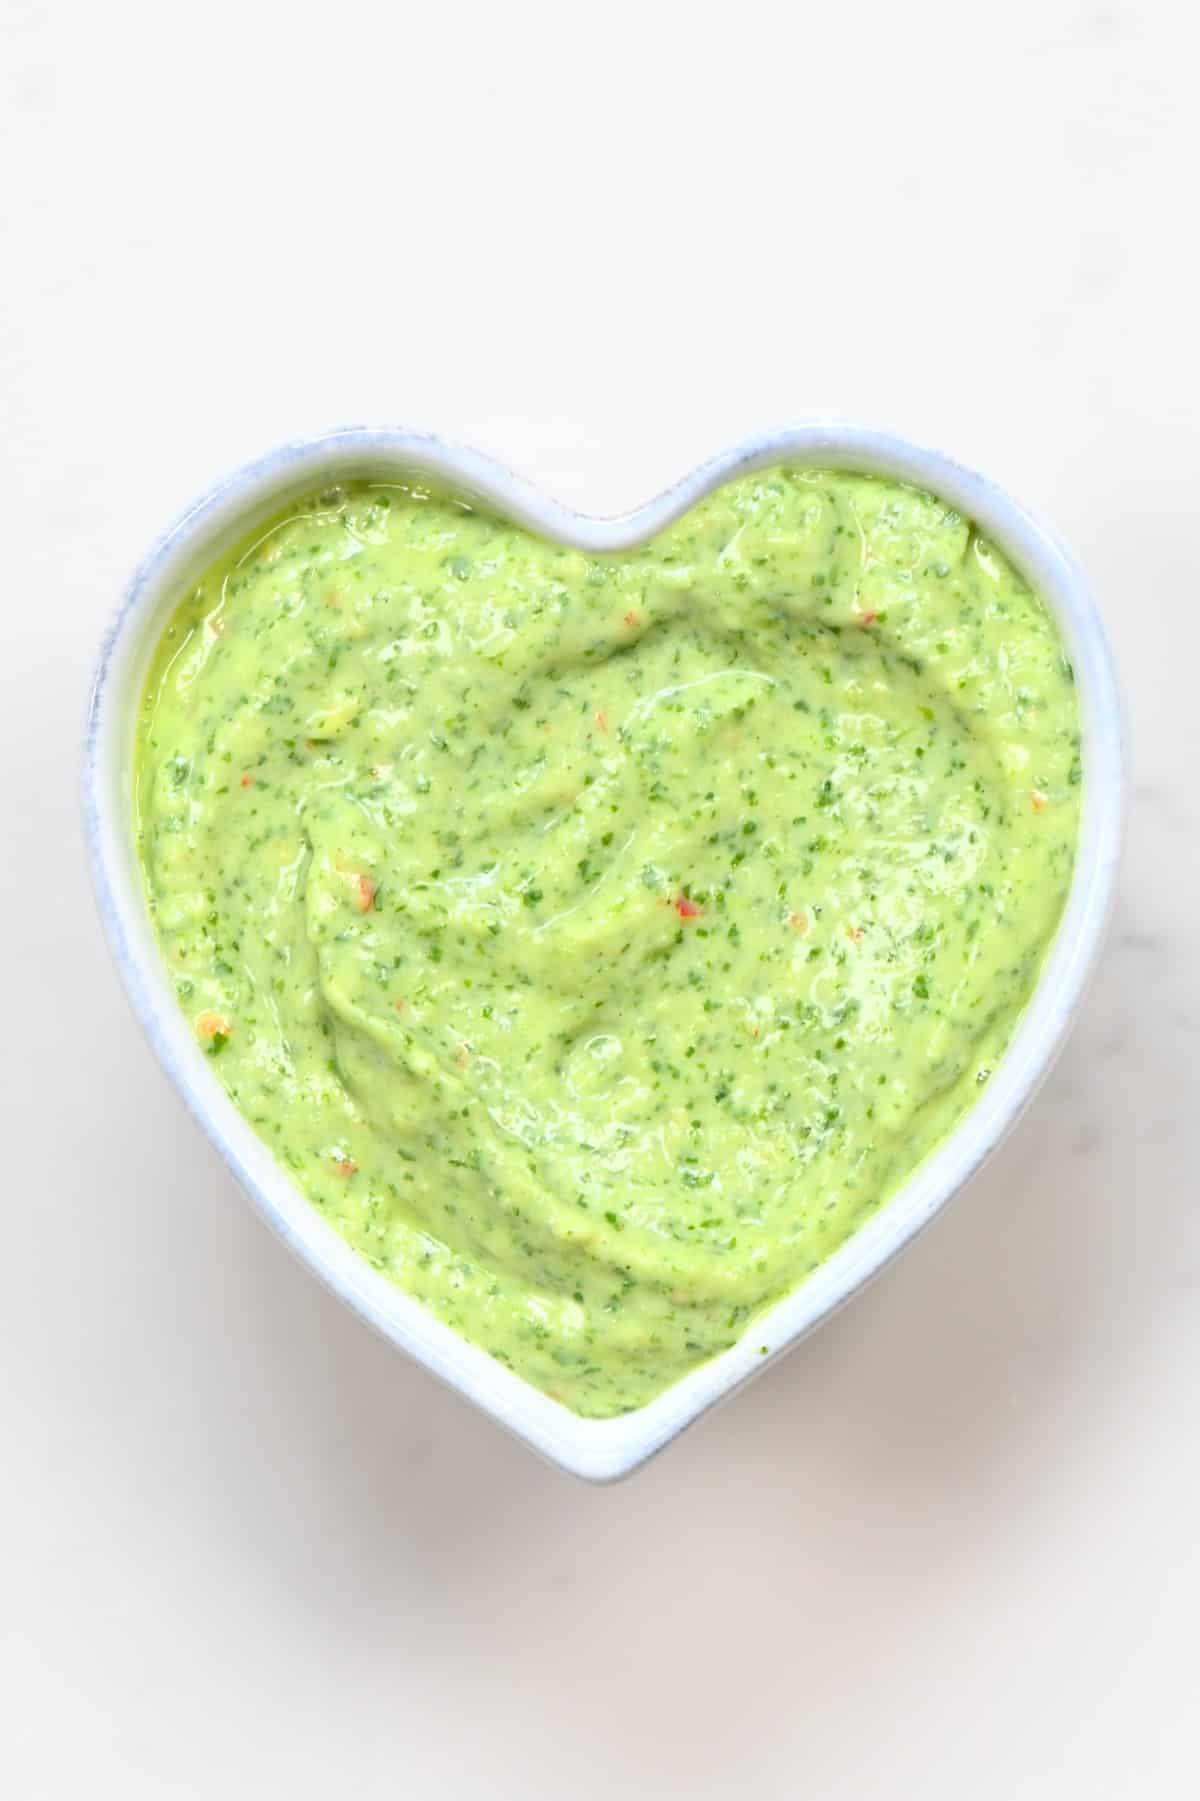 Creamy Avocado Cilantro Sauce in a heart shaped bowl